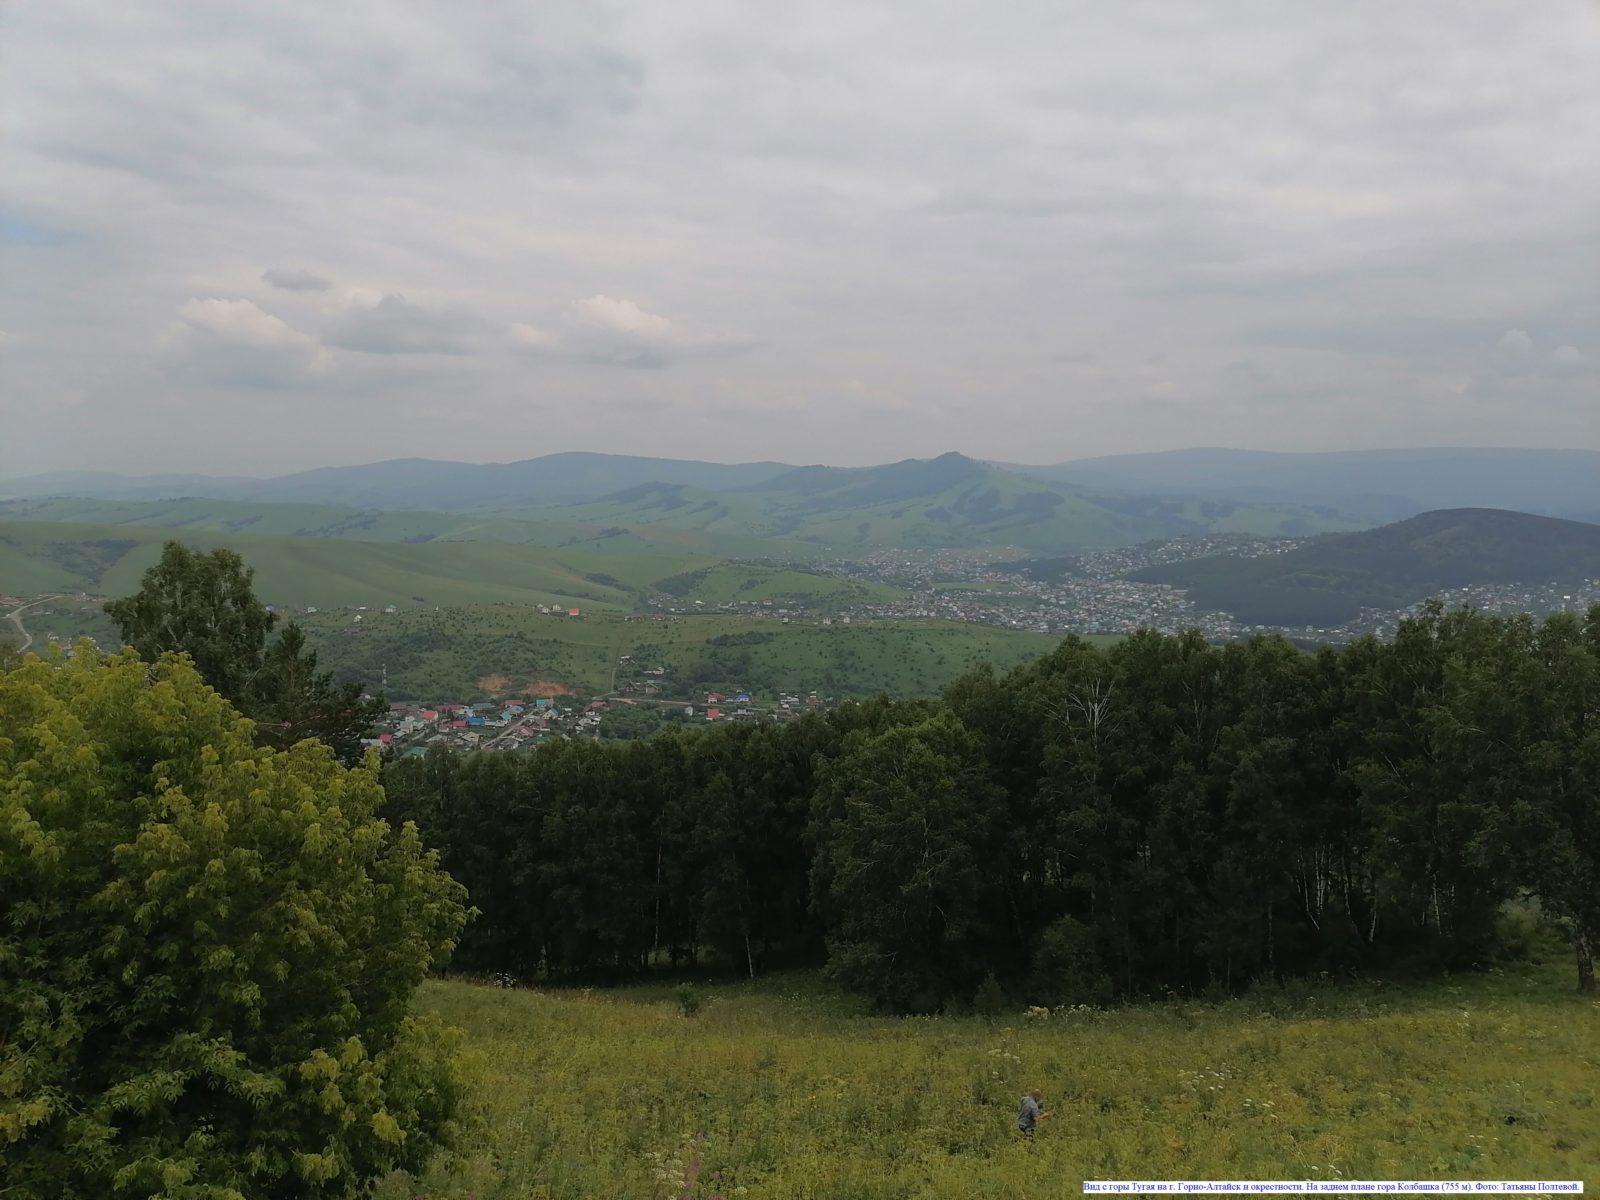 Вид с горы Тугая на г. Горно-Алтайск и окрестности. На заднем плане гора Колбашка (755 м).